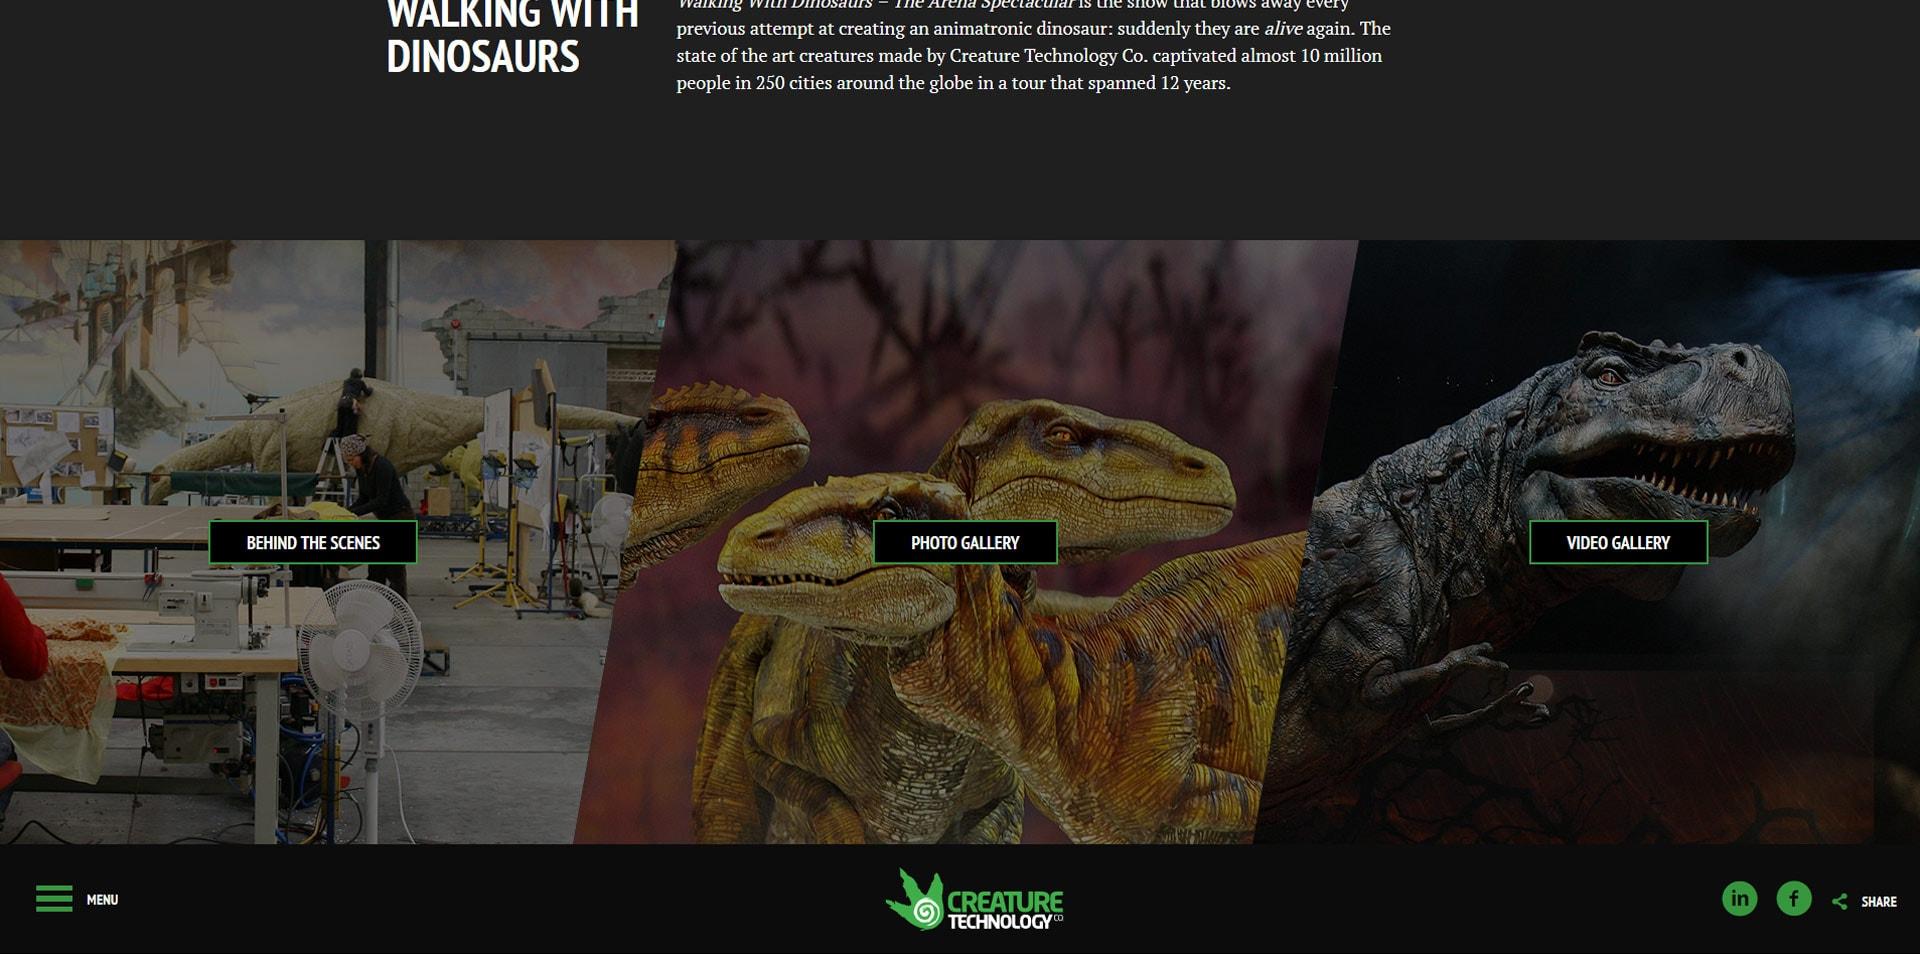 projektowanie stron www inspiracje creaturetechnology 2 - Projektowanie stron www – inspiracje dla biznesu. Czerwiec 2020